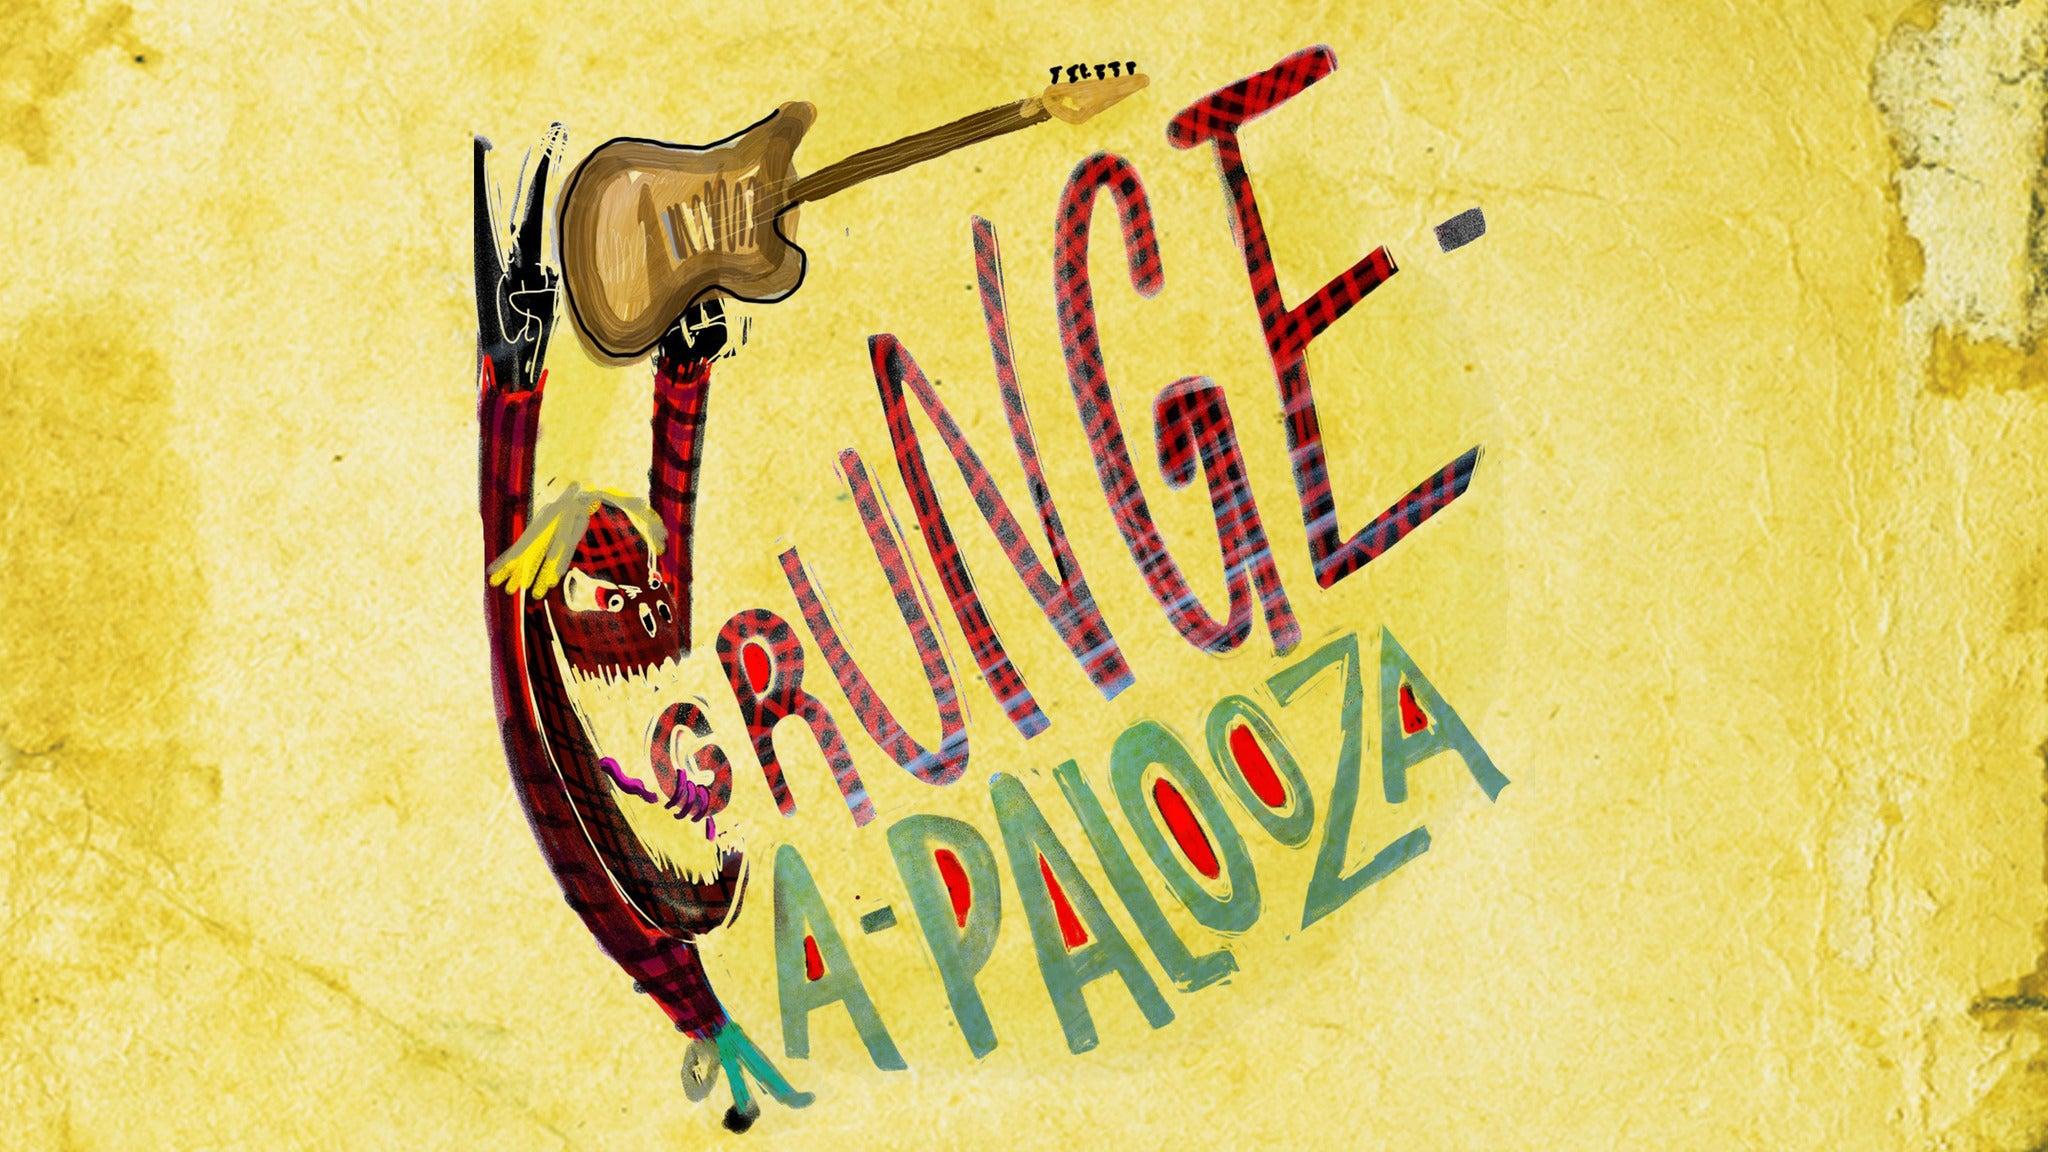 Grunge-A-Palooza